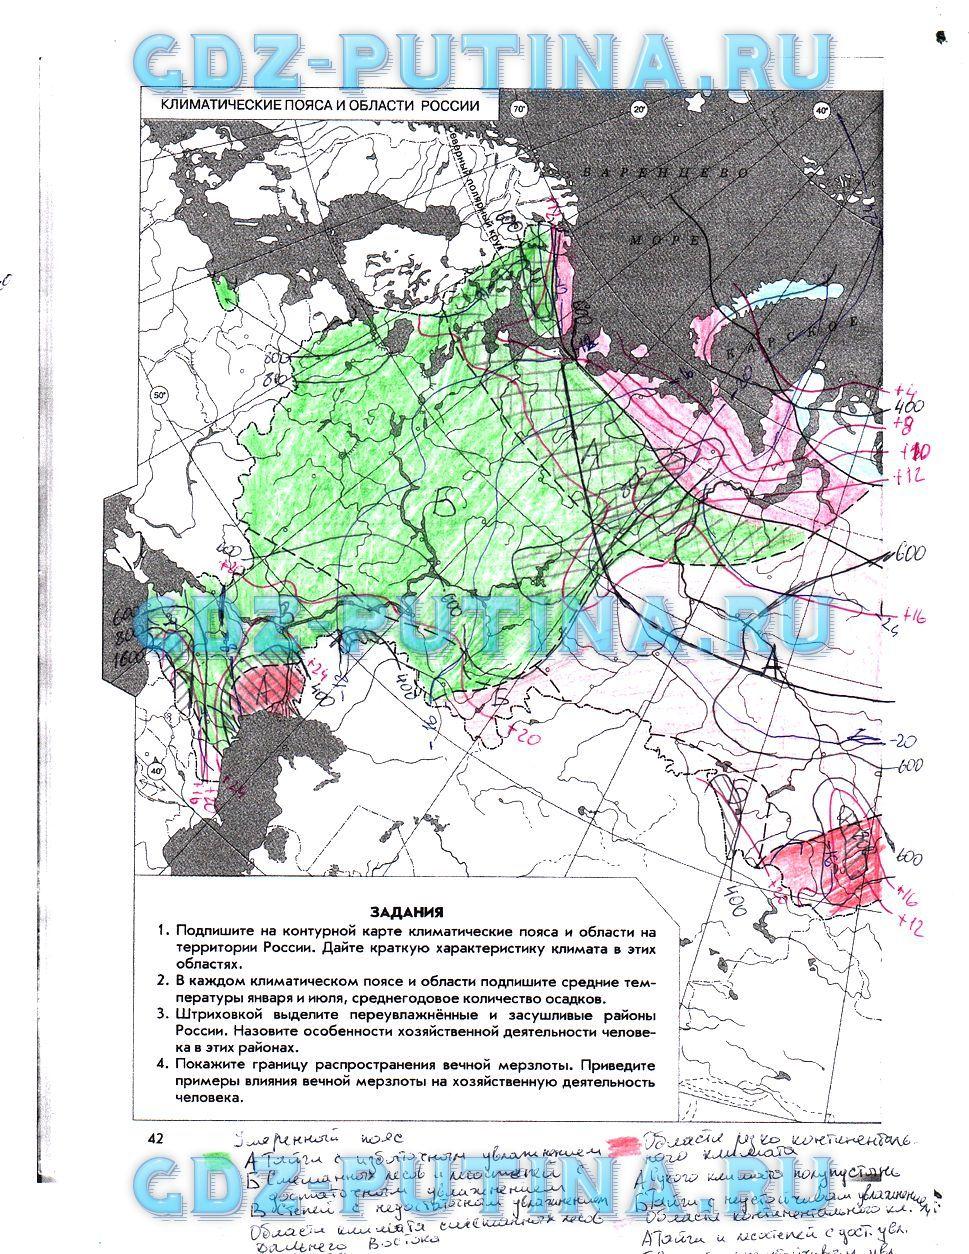 Решебник По Географии Контурной Карты С Ответоми 8 Класс